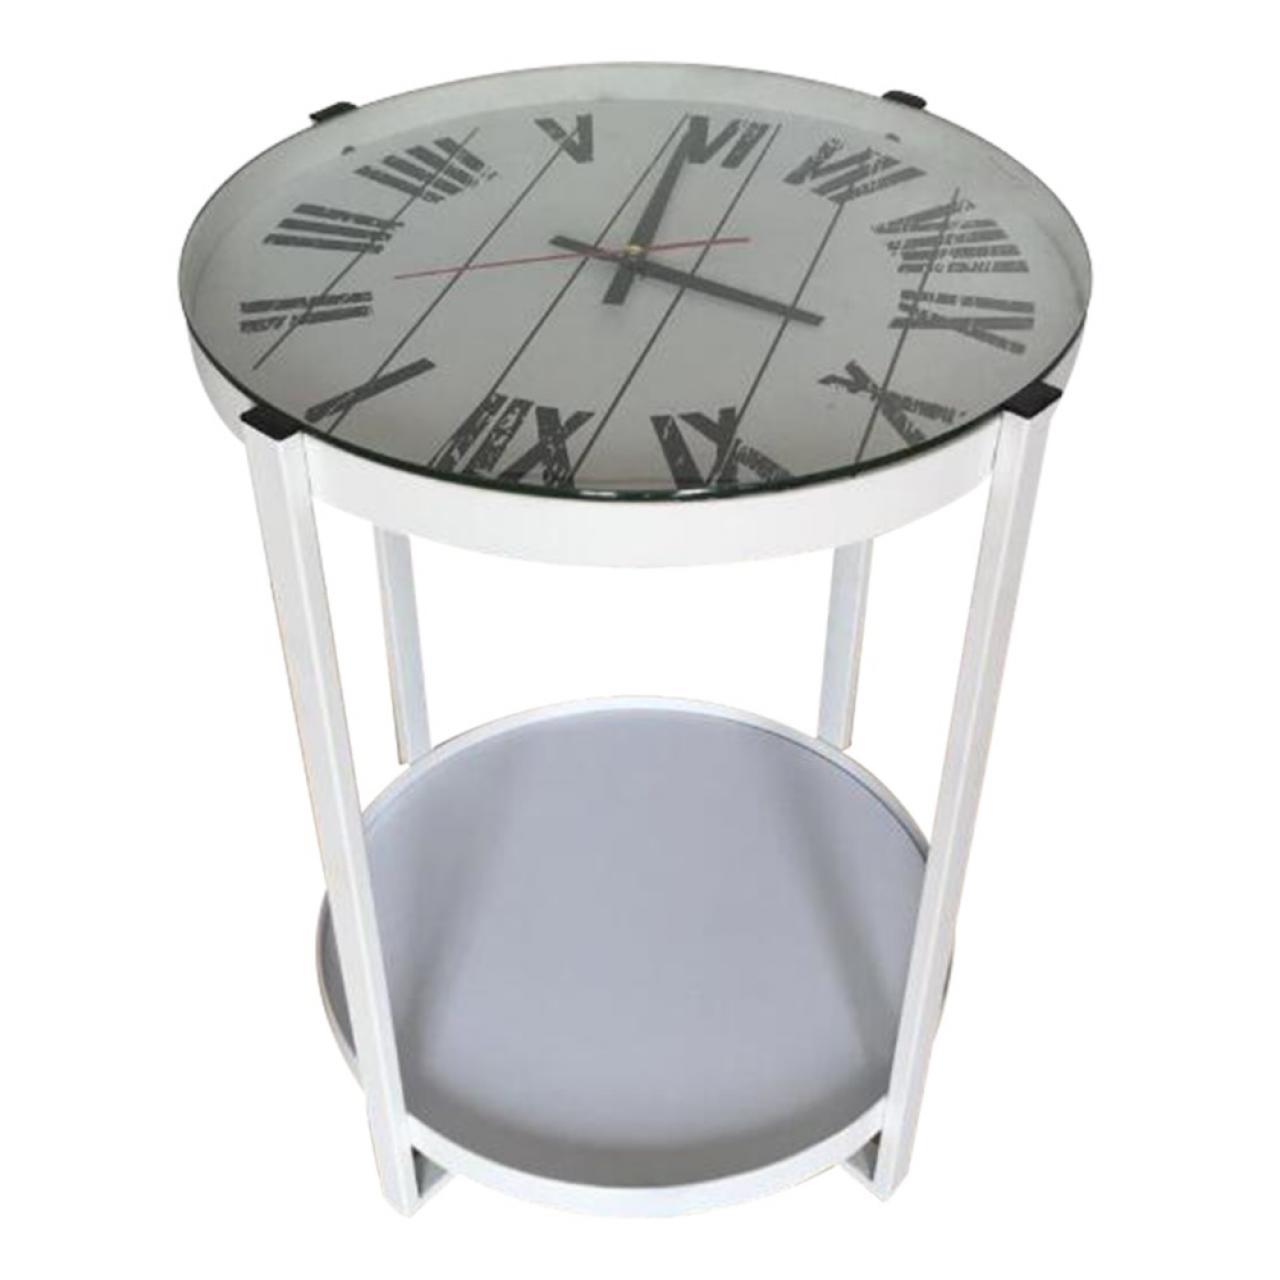 Beistelltisch B154371 Weiß Mit Uhr Mit Ablage Stubentisch Tisch Couchtisch